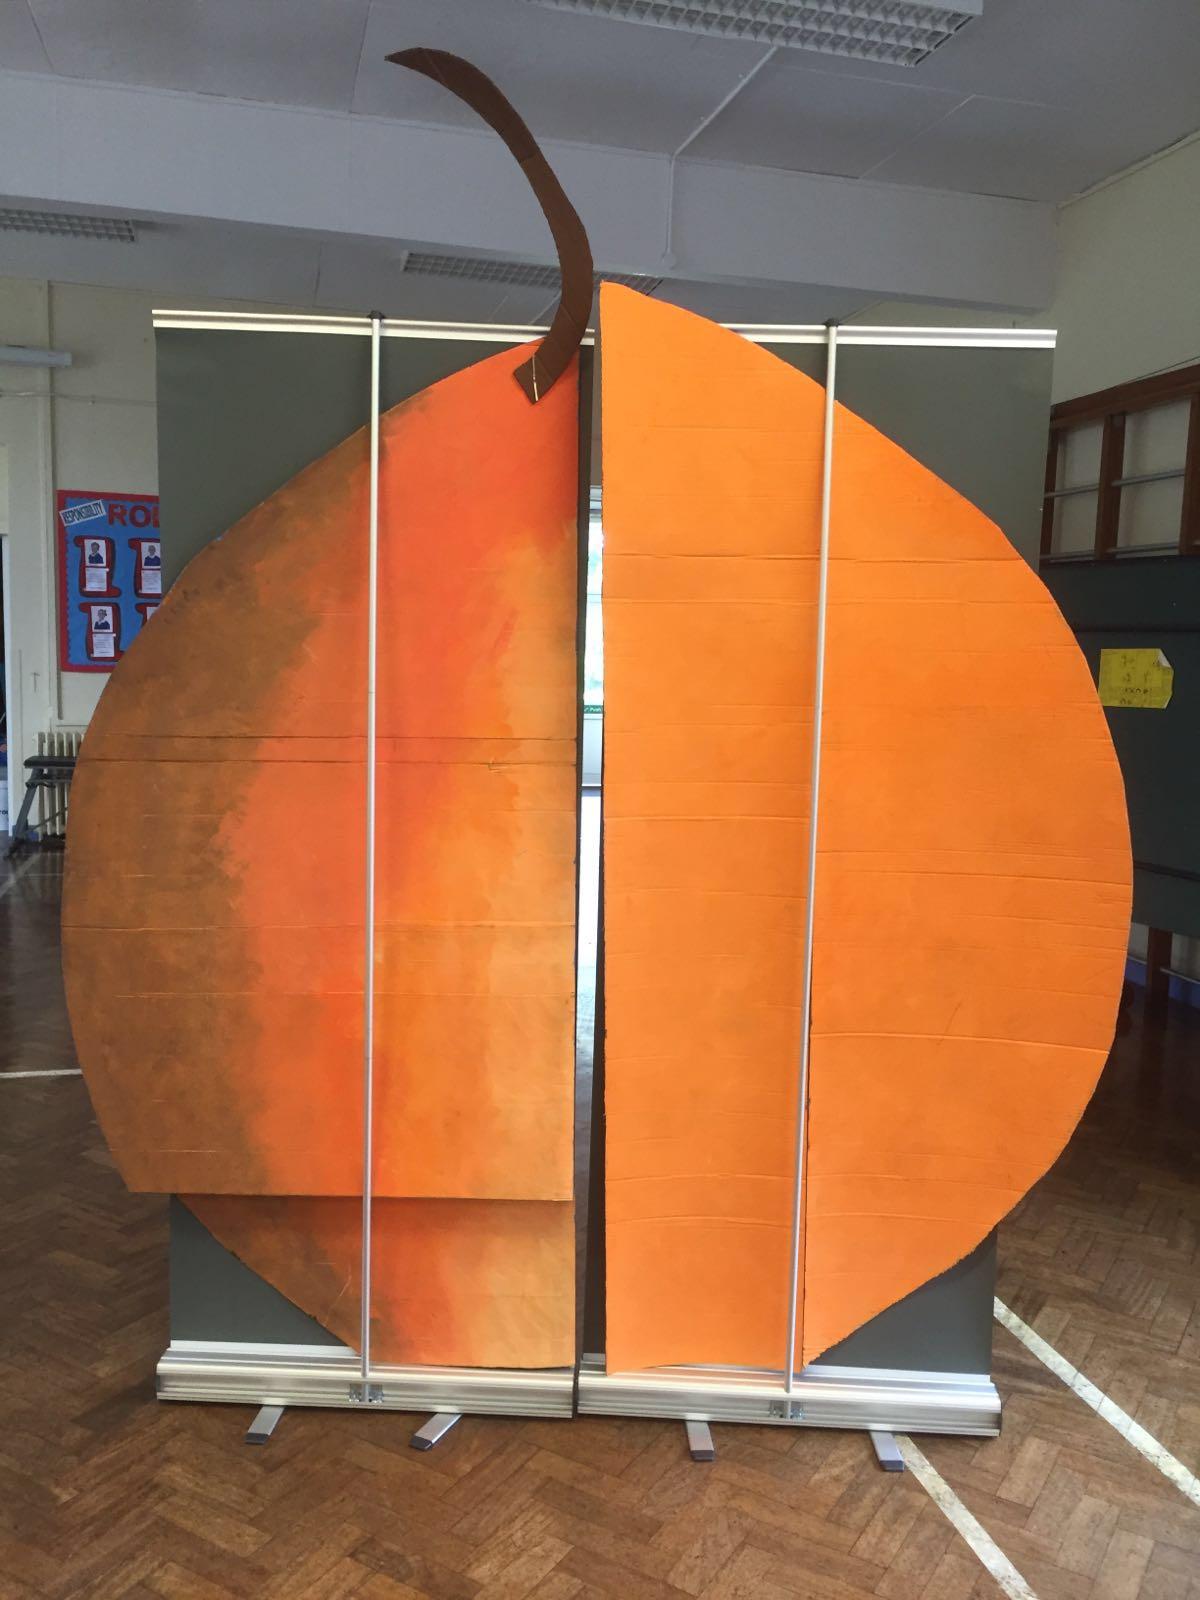 James' Giant Peach